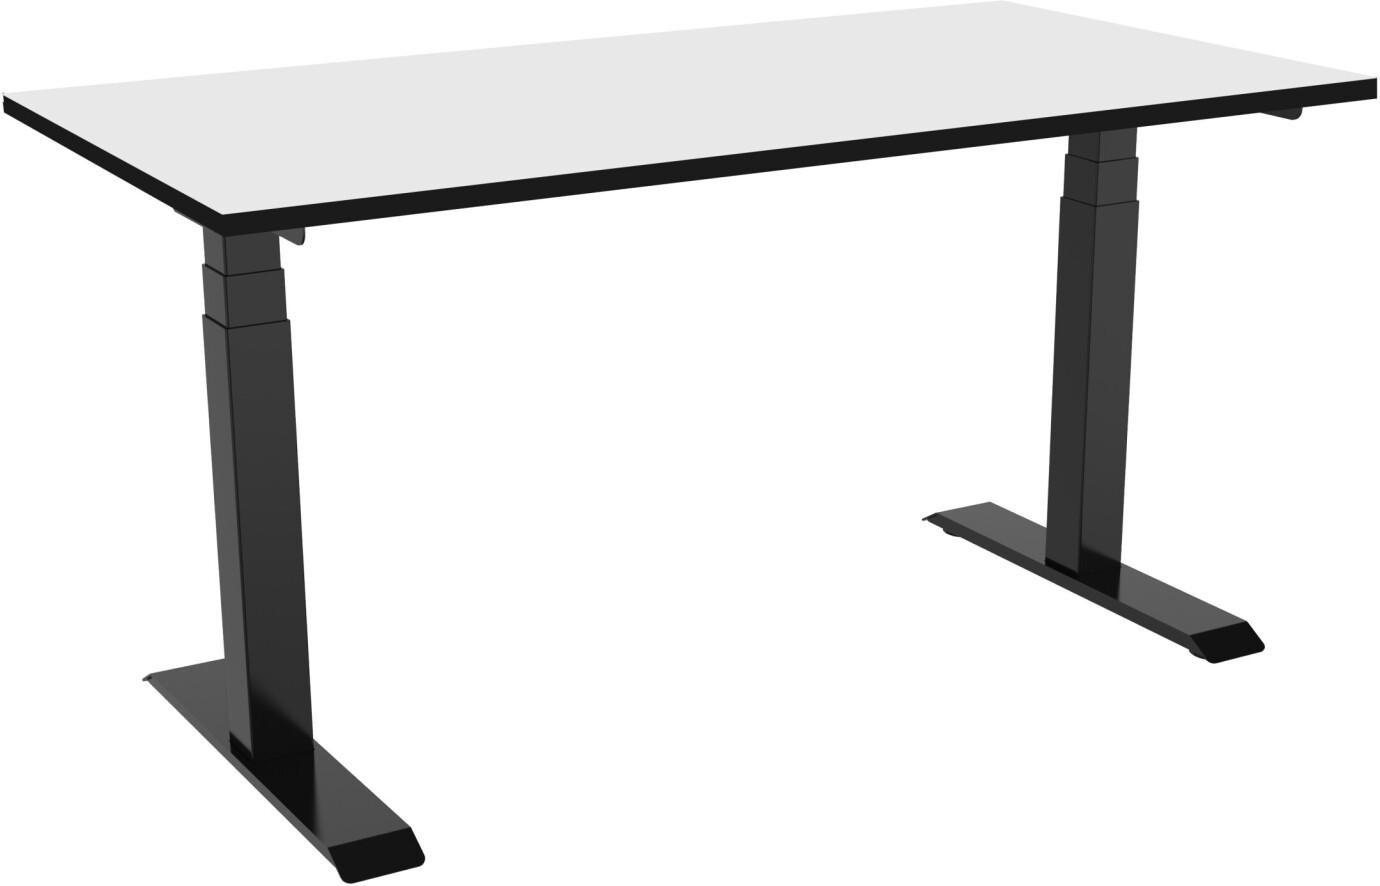 celexon elektrisch höhenverstellbarer Schreibtisch Professional eAdjust-58123 - schwarz, inkl. HPL Tischplatte 175 x 75 cm